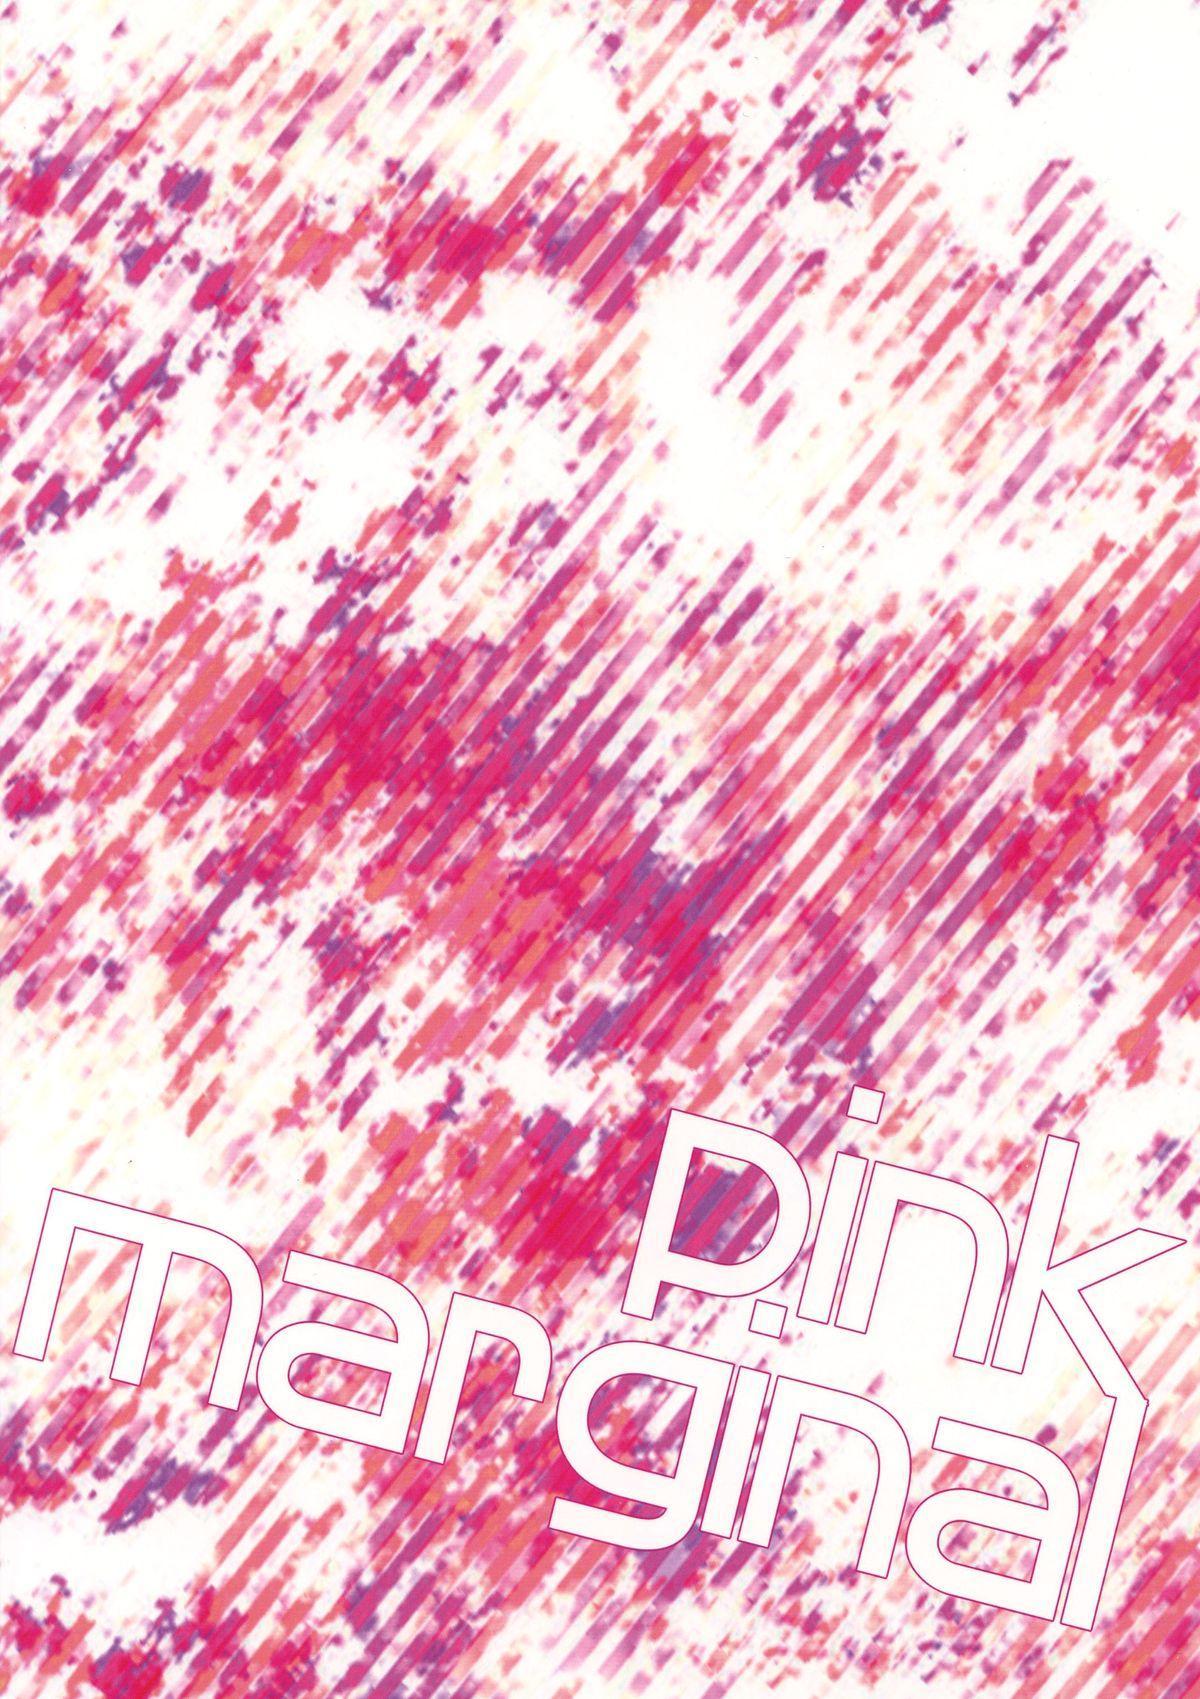 pink marginal 25